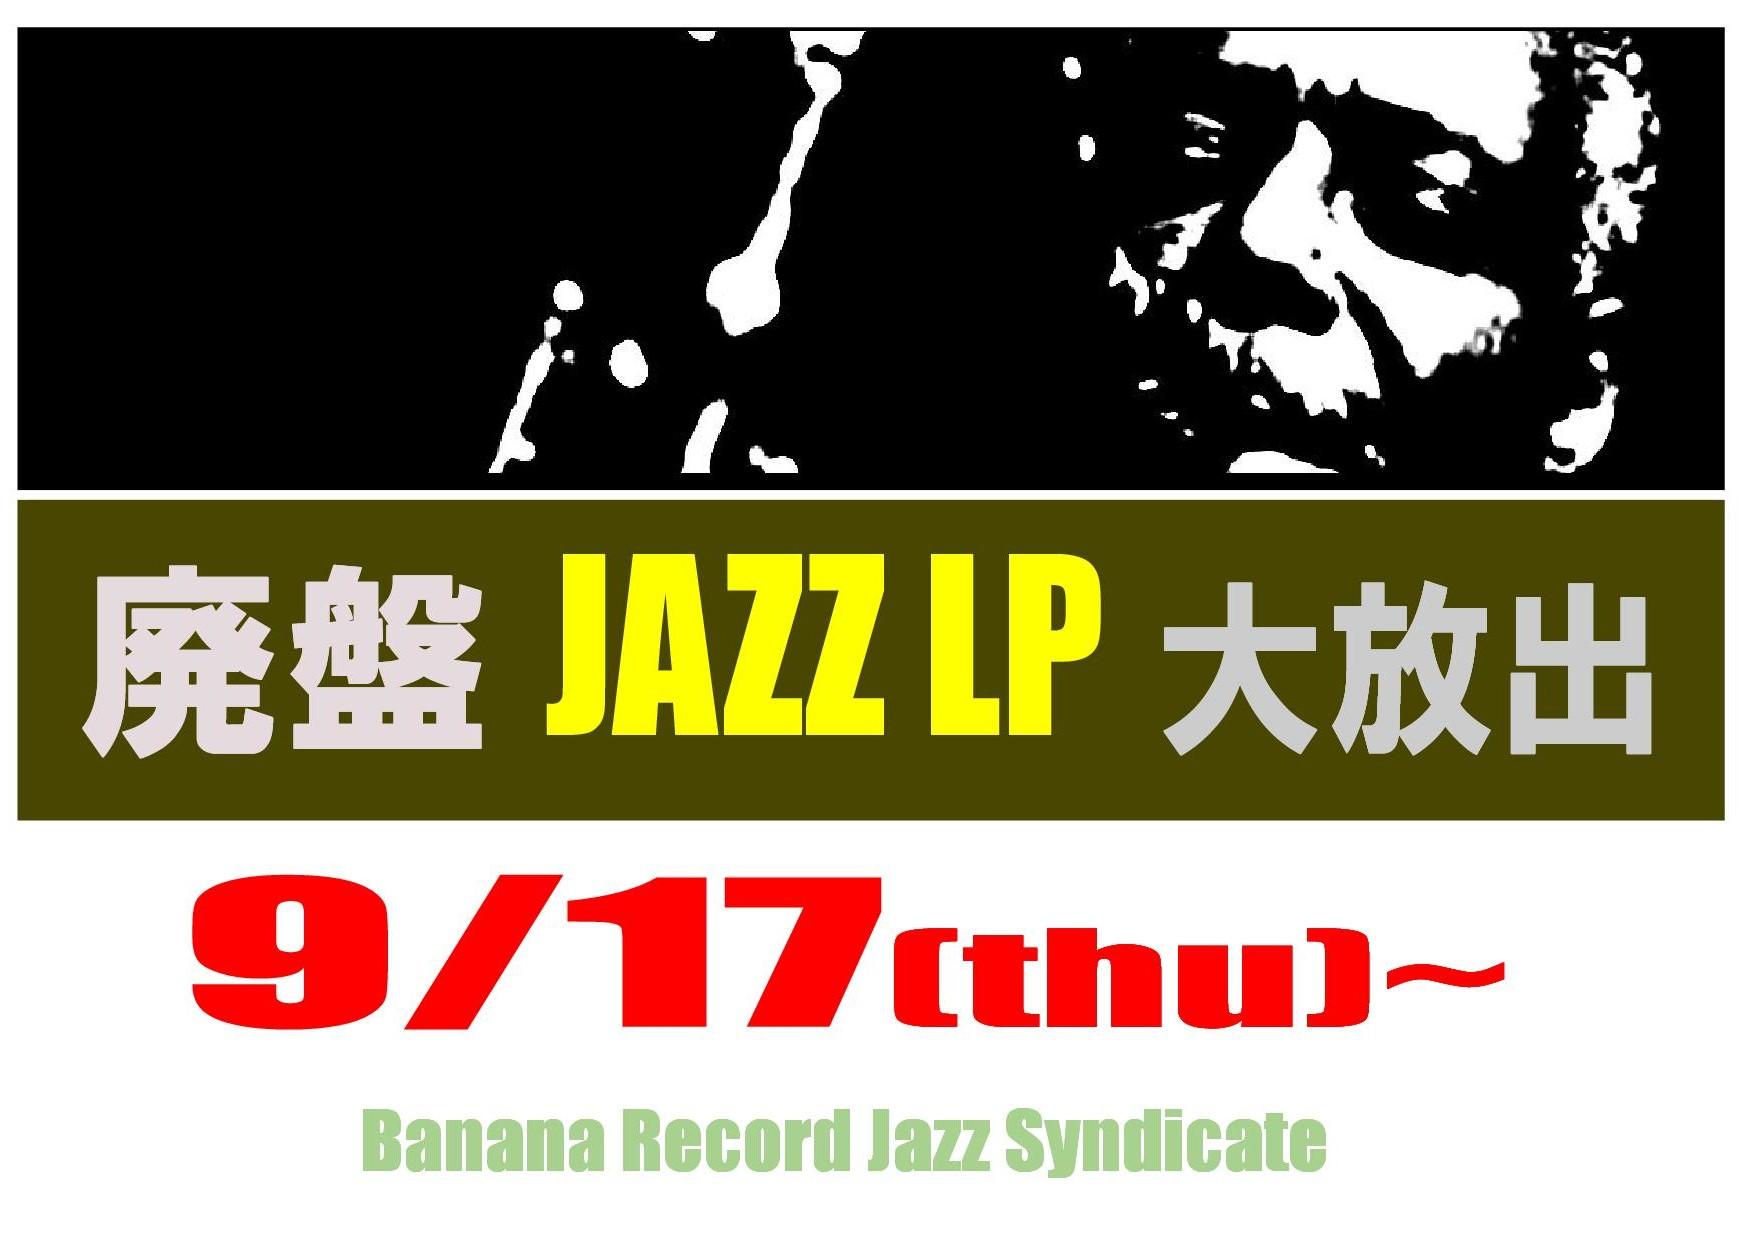 【ジャズシンジケート】「Jazz廃盤LP大放出」17日より開催